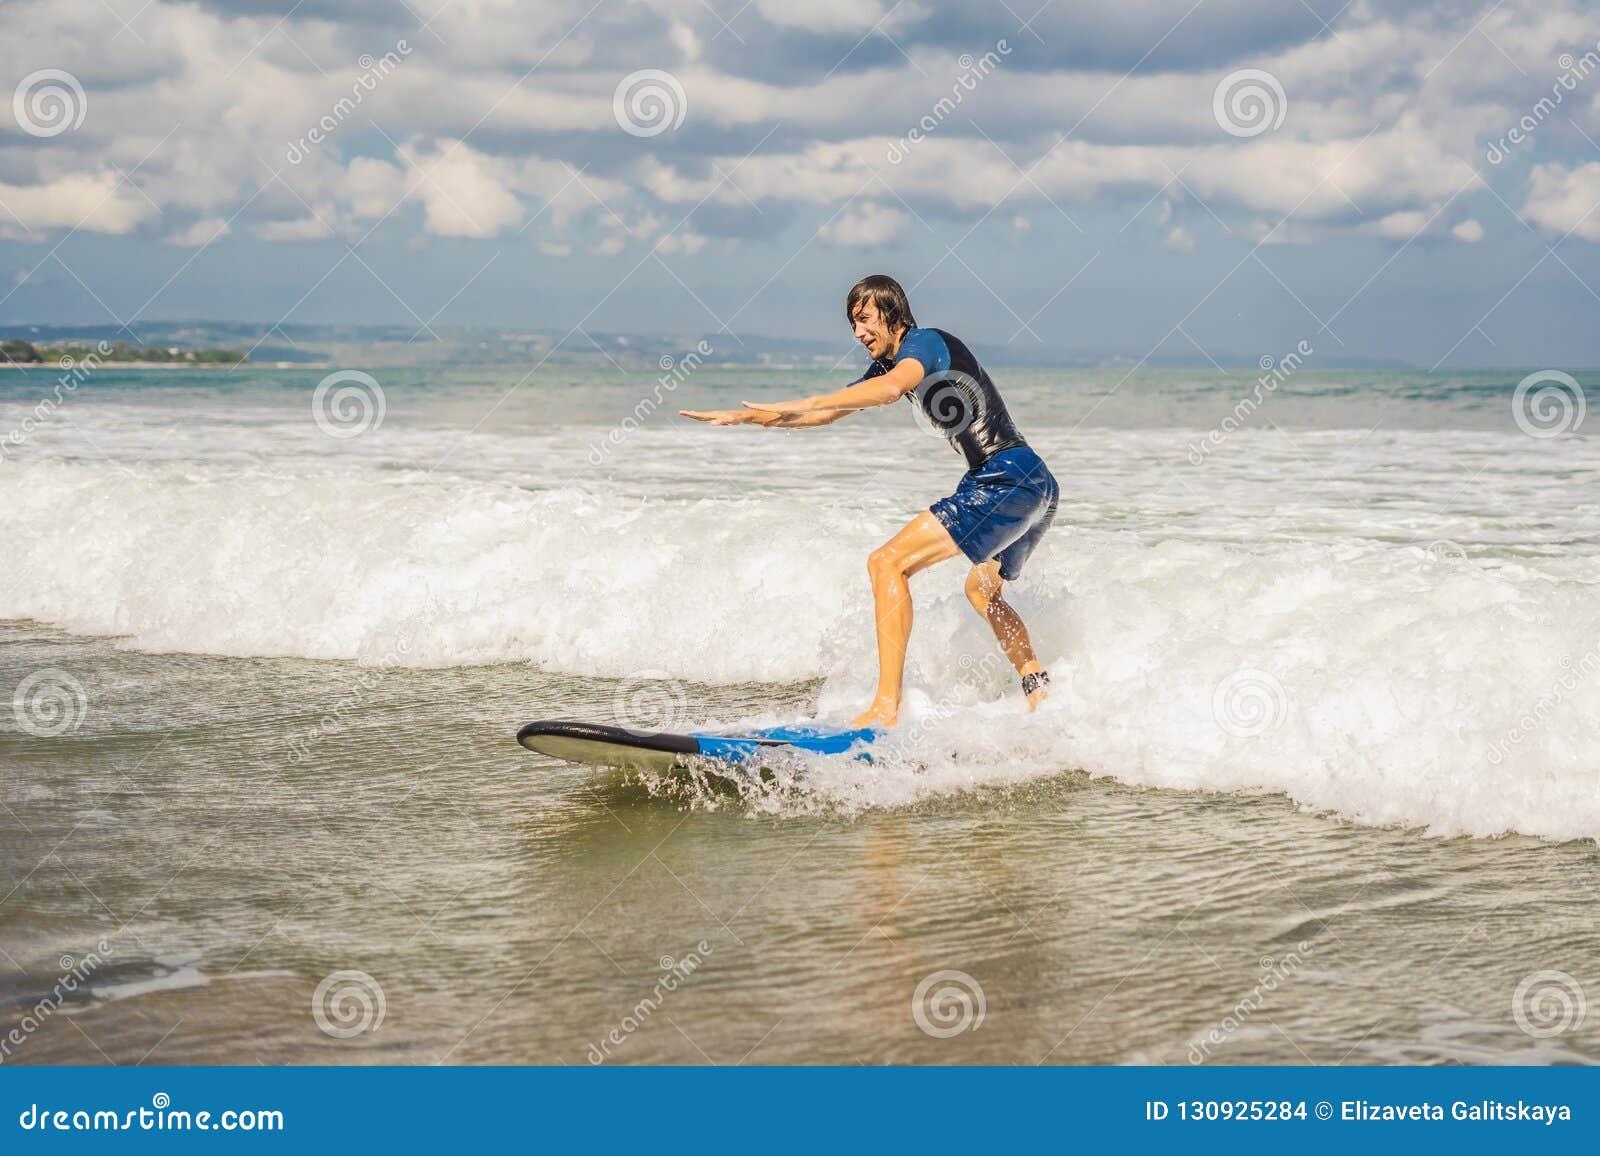 Ο νεαρός άνδρας, αρχάριος Surfer μαθαίνει να κάνει σερφ σε έναν αφρό θάλασσας στο Β